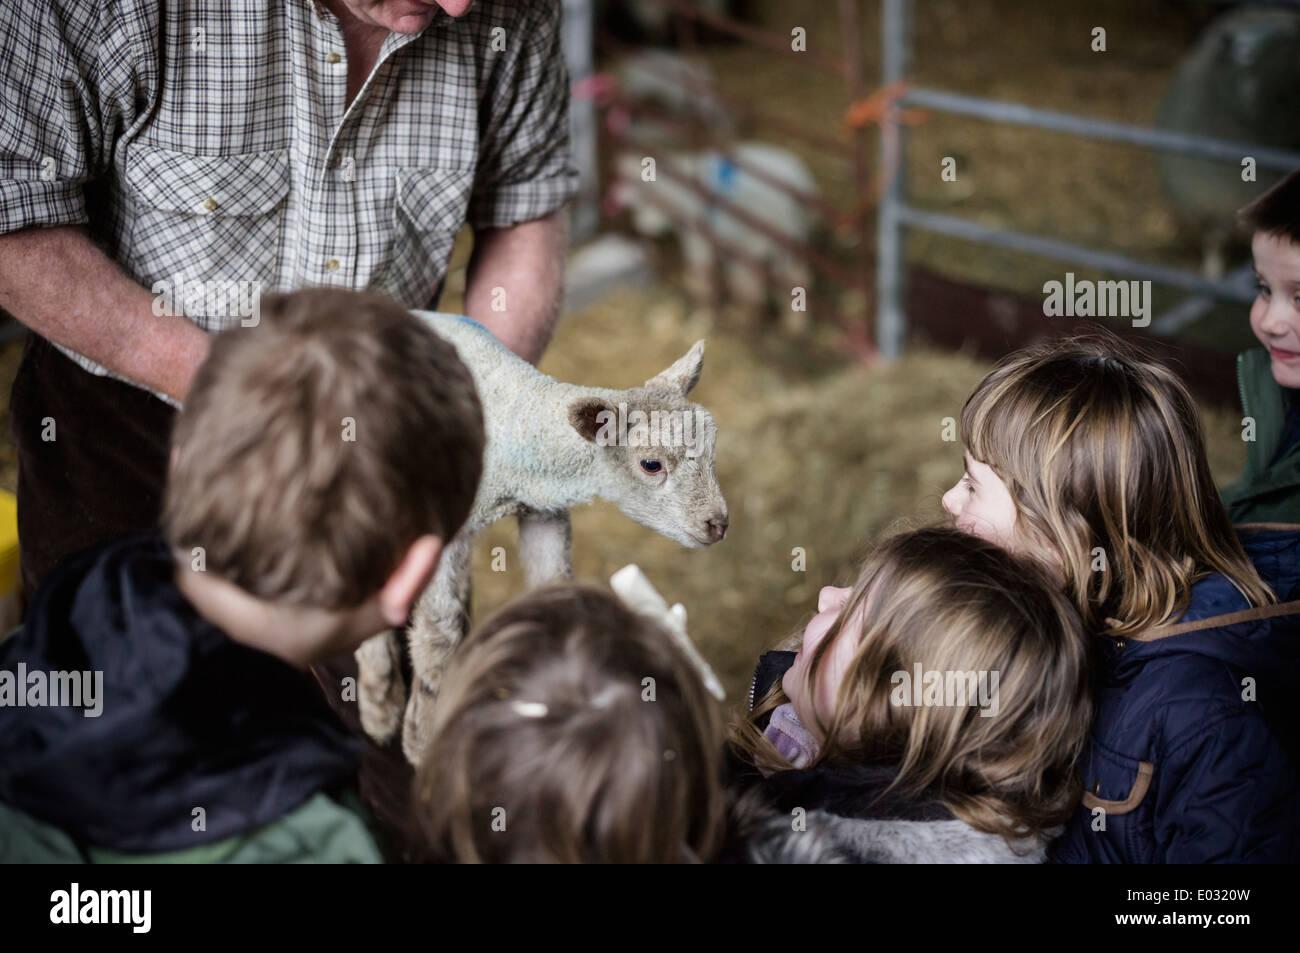 Les enfants et les nouveau-nés agneaux dans un hangar de l'agnelage. Photo Stock